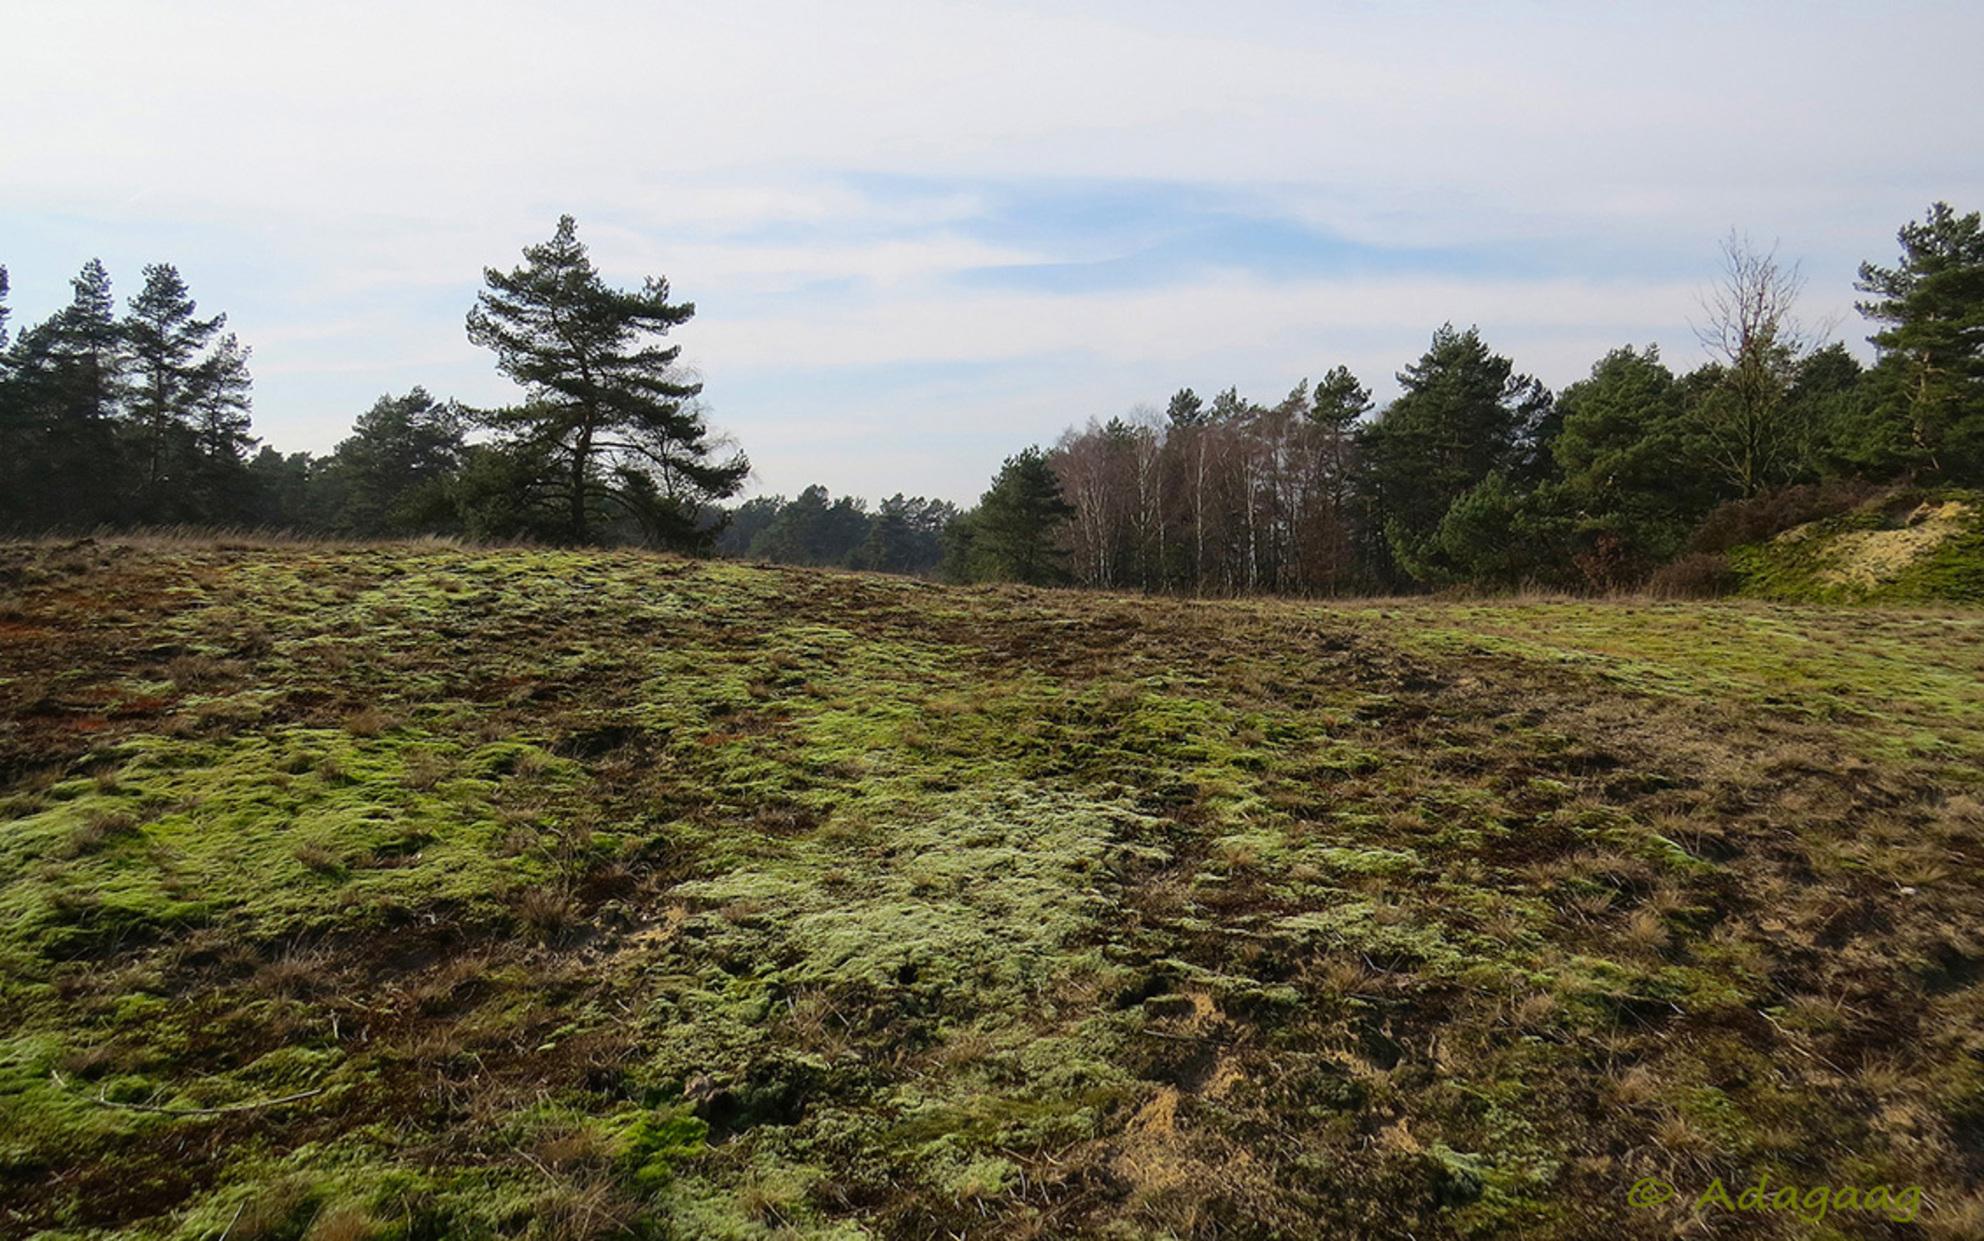 Mossige helling - - - foto door adagaag op 11-03-2015 - deze foto bevat: groen, natuur, mos, winter, landschap, heide, duinen, bomen - Deze foto mag gebruikt worden in een Zoom.nl publicatie